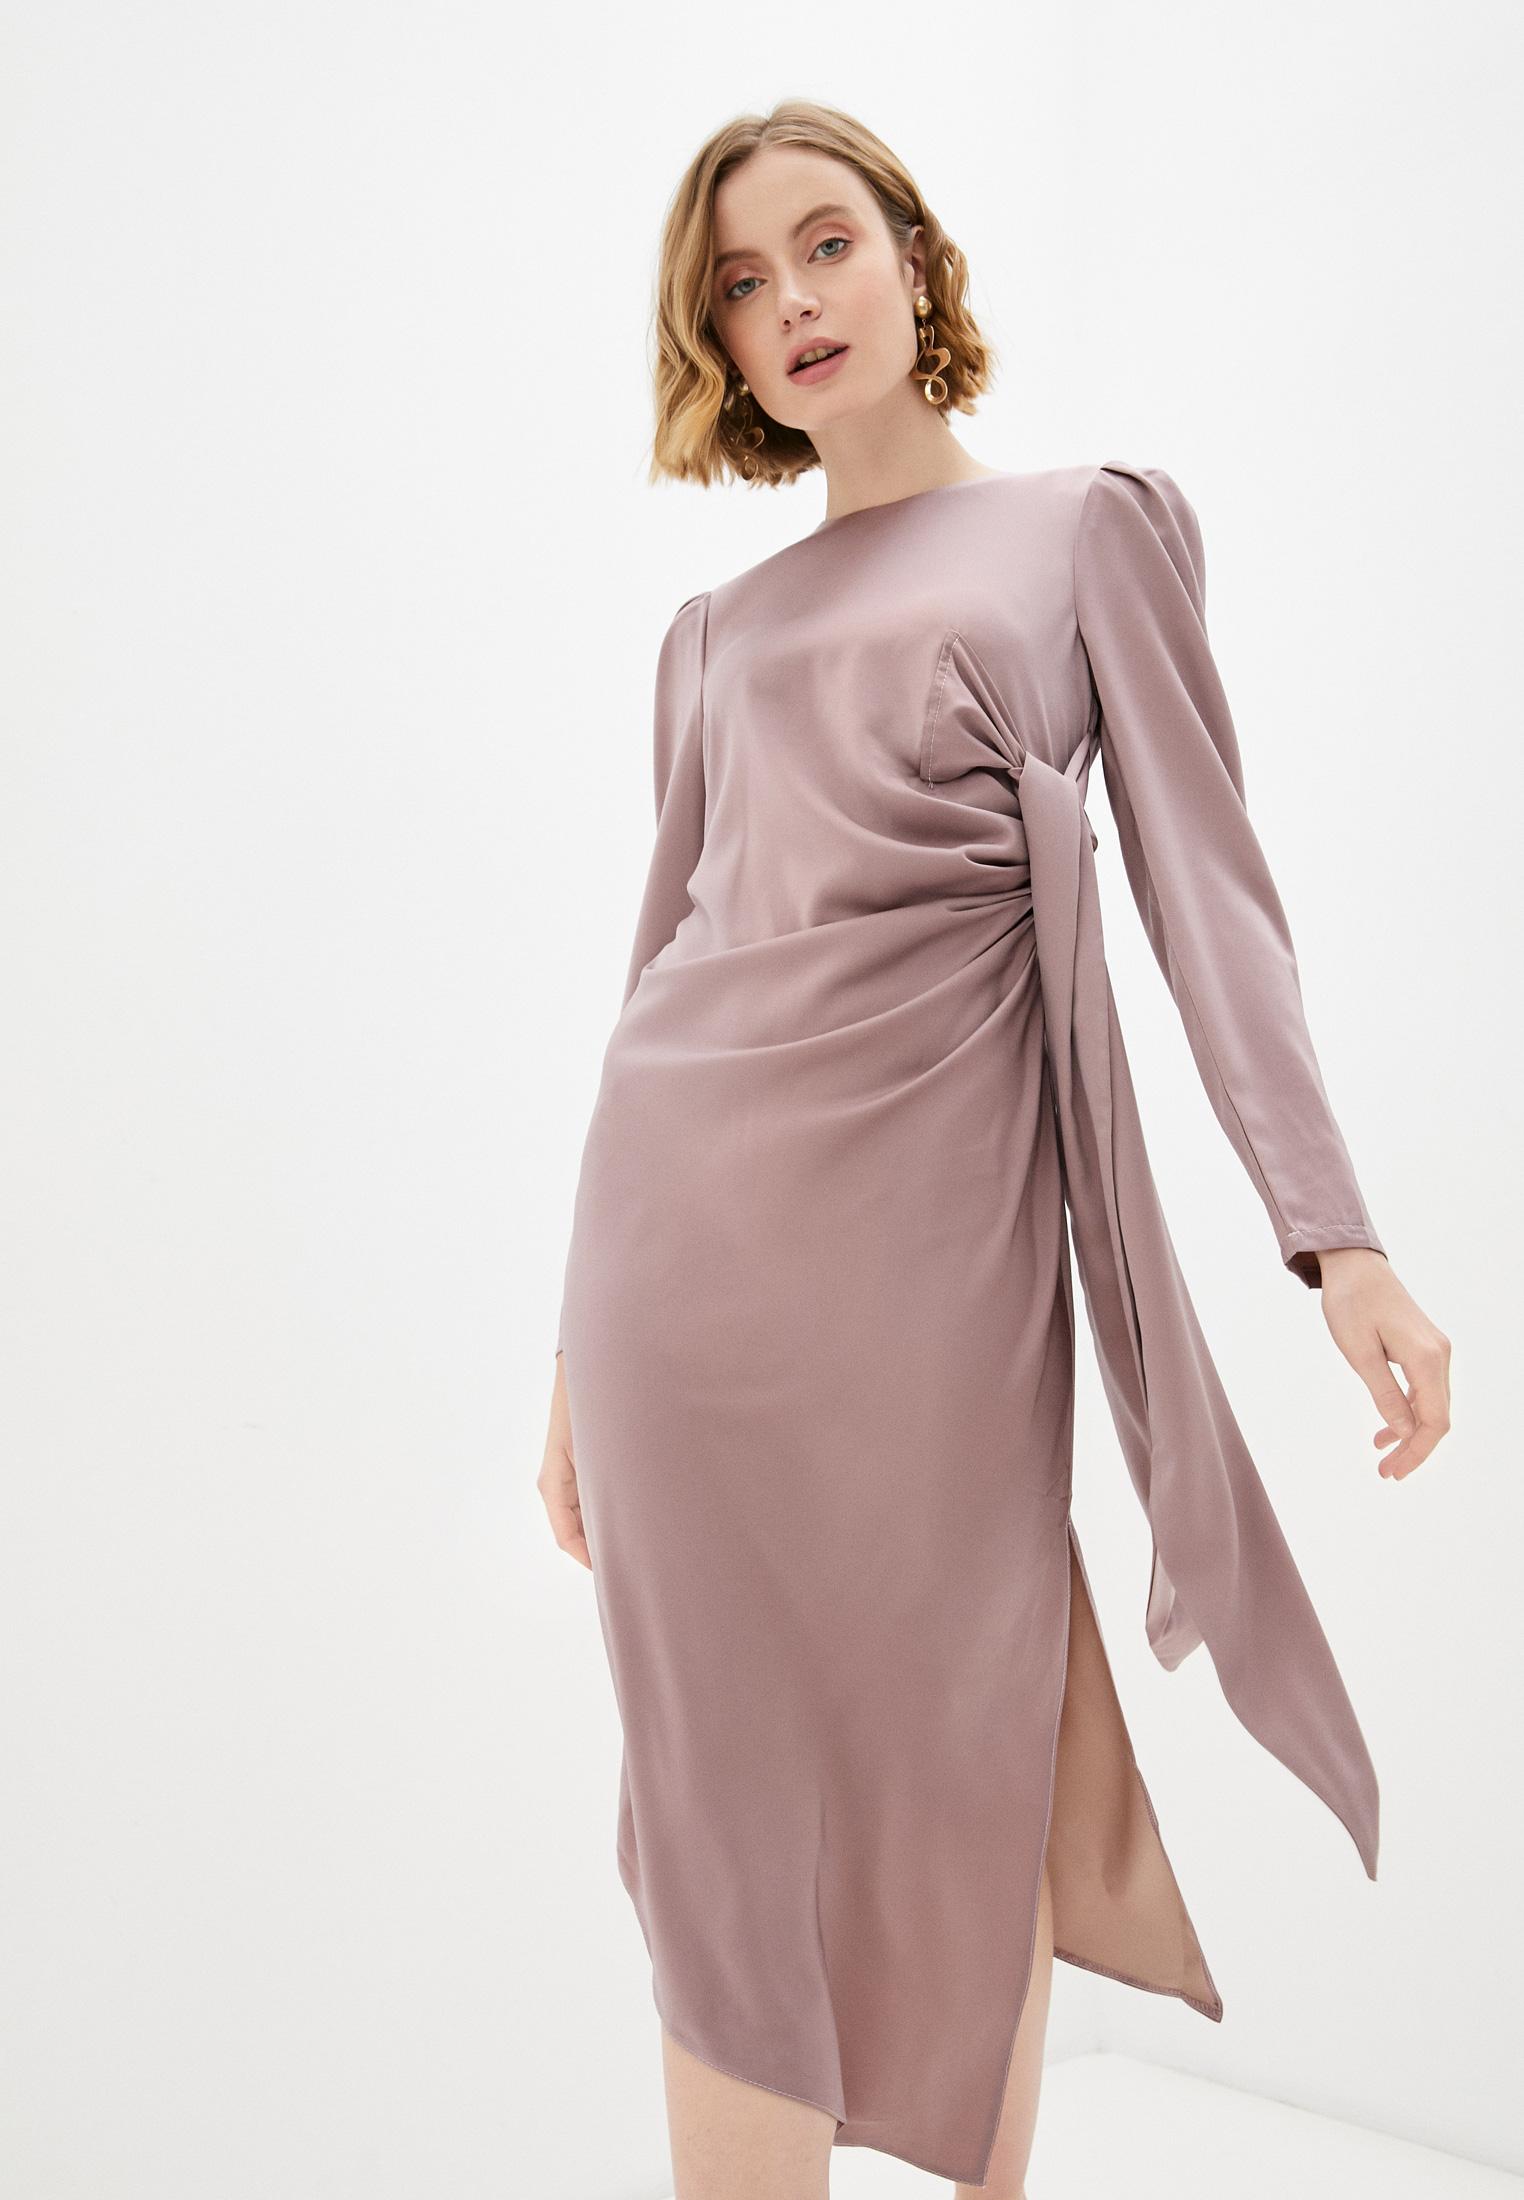 Вечернее / коктейльное платье Pink Orange PO21-031397-6